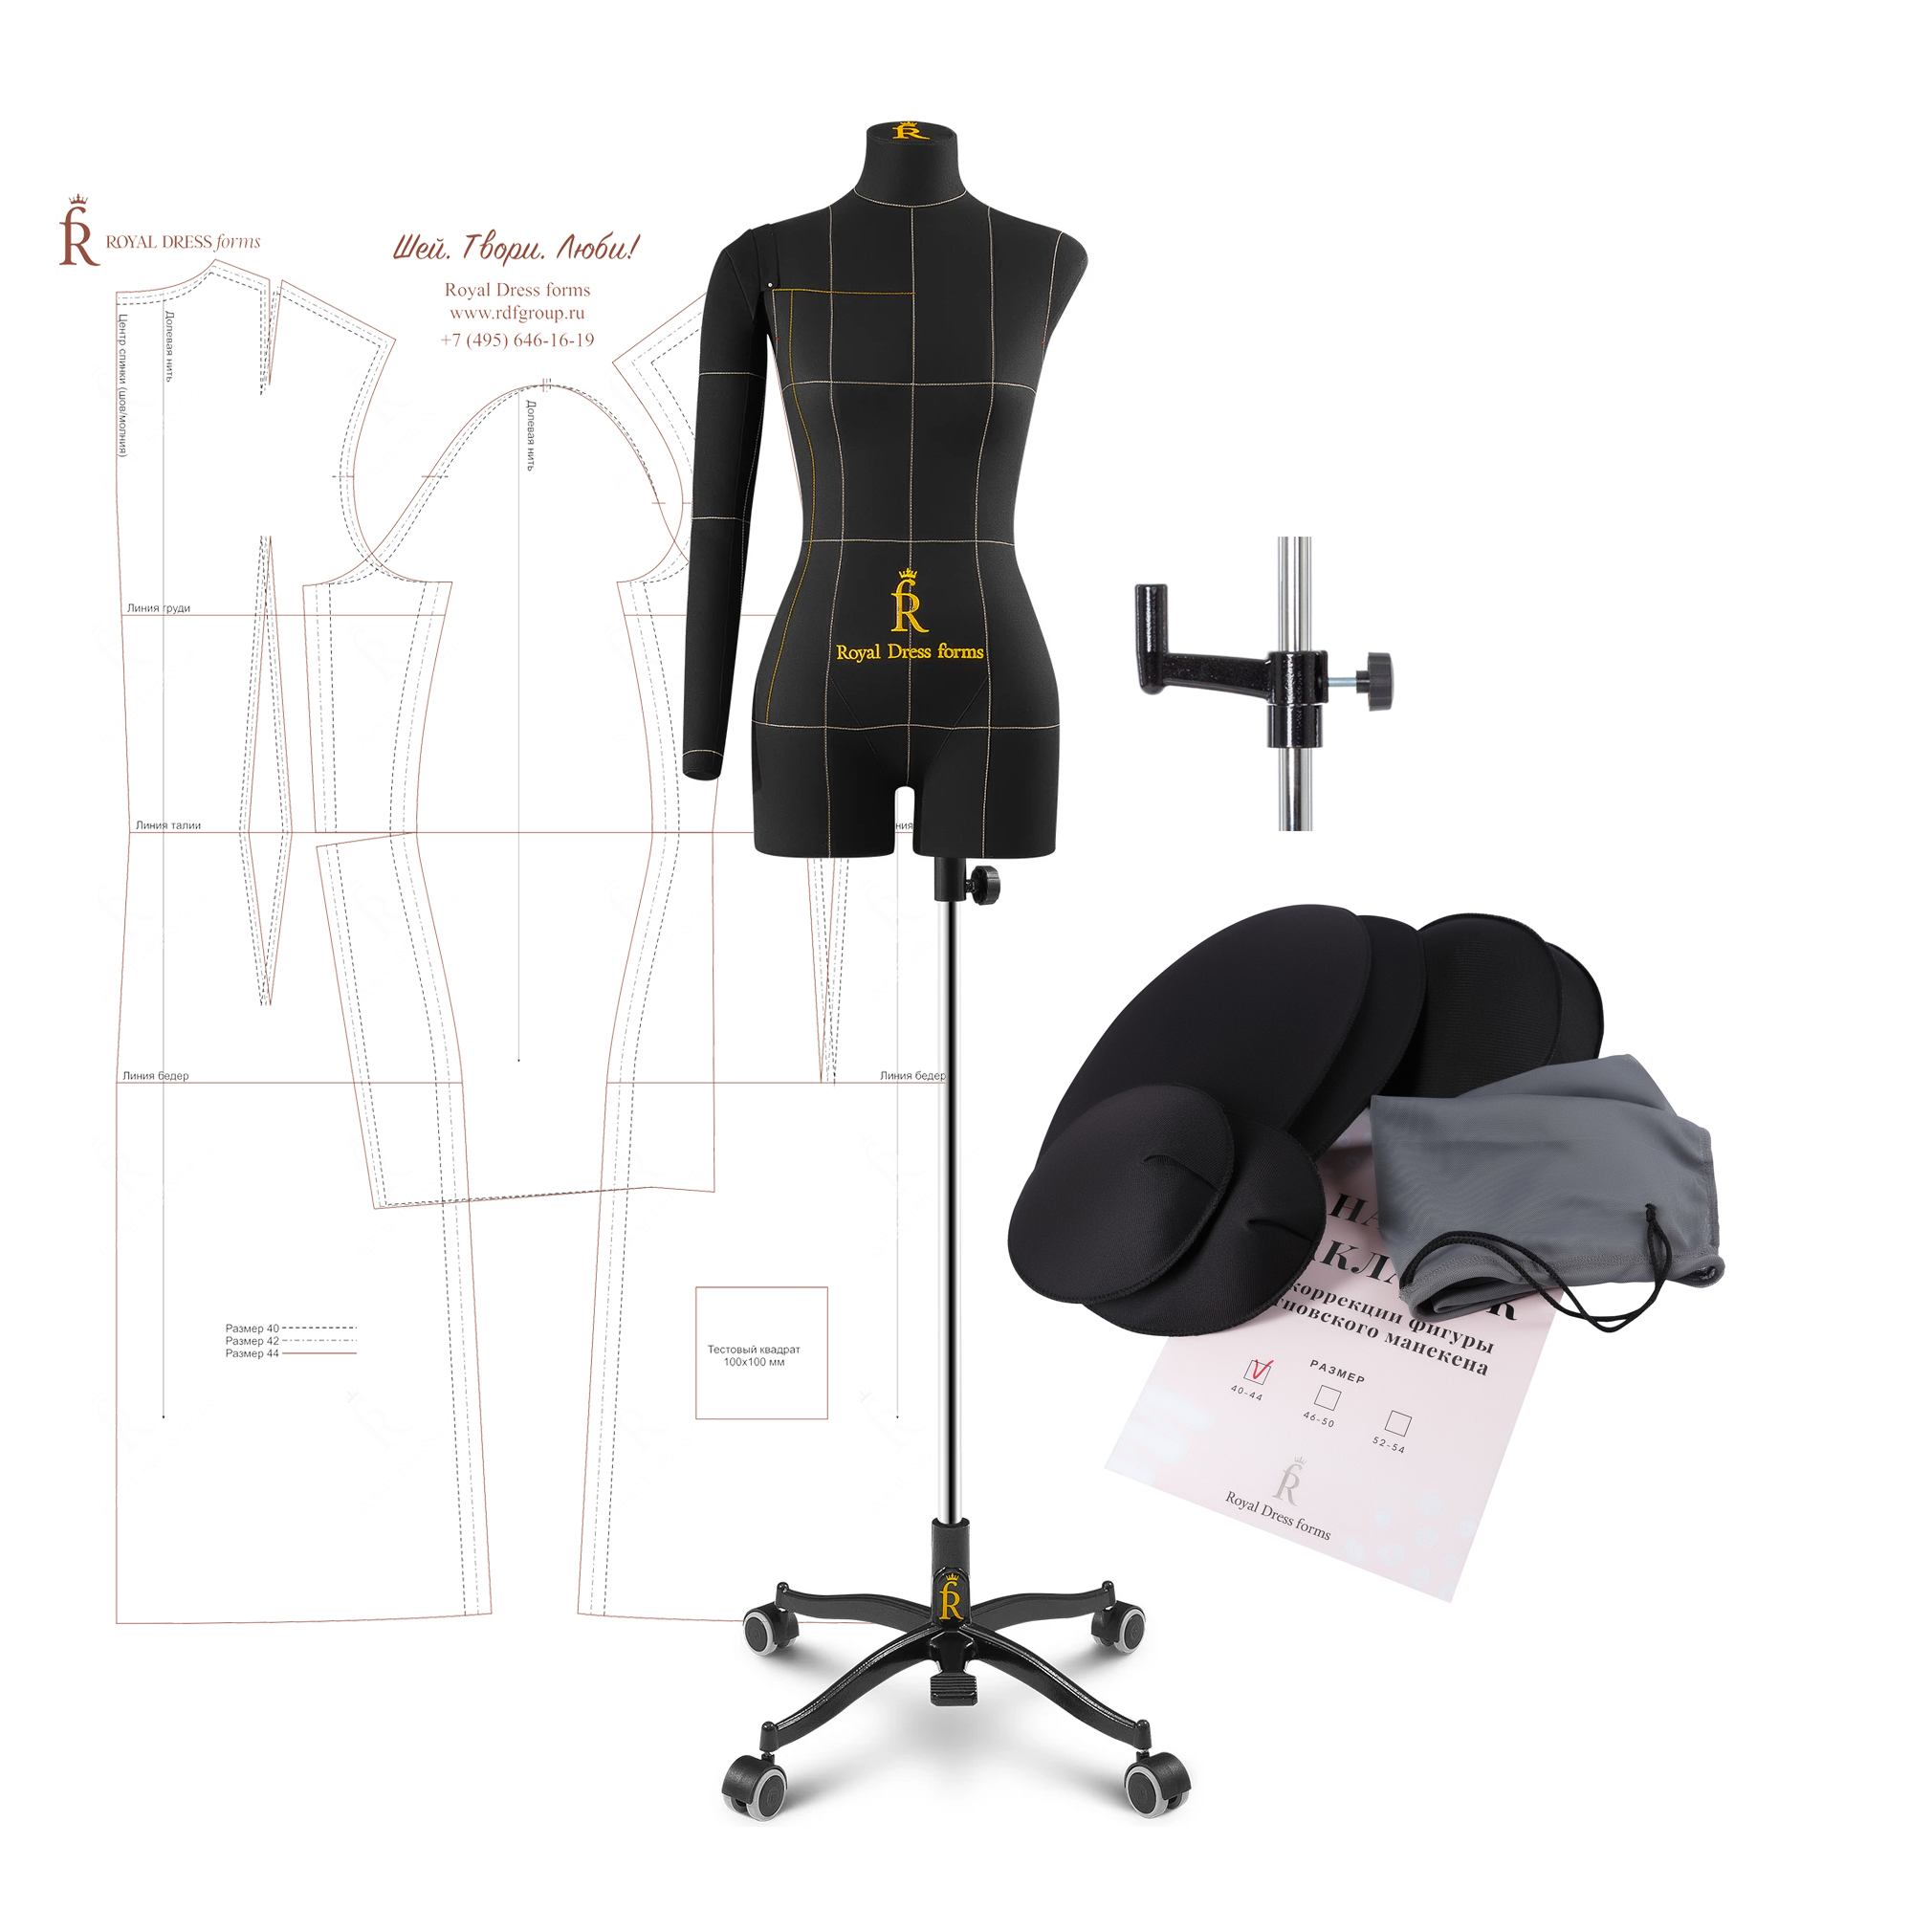 Манекен портновский Моника, комплект Премиум, размер 48, цвет чёрный, в комплекте накладки и правая рука